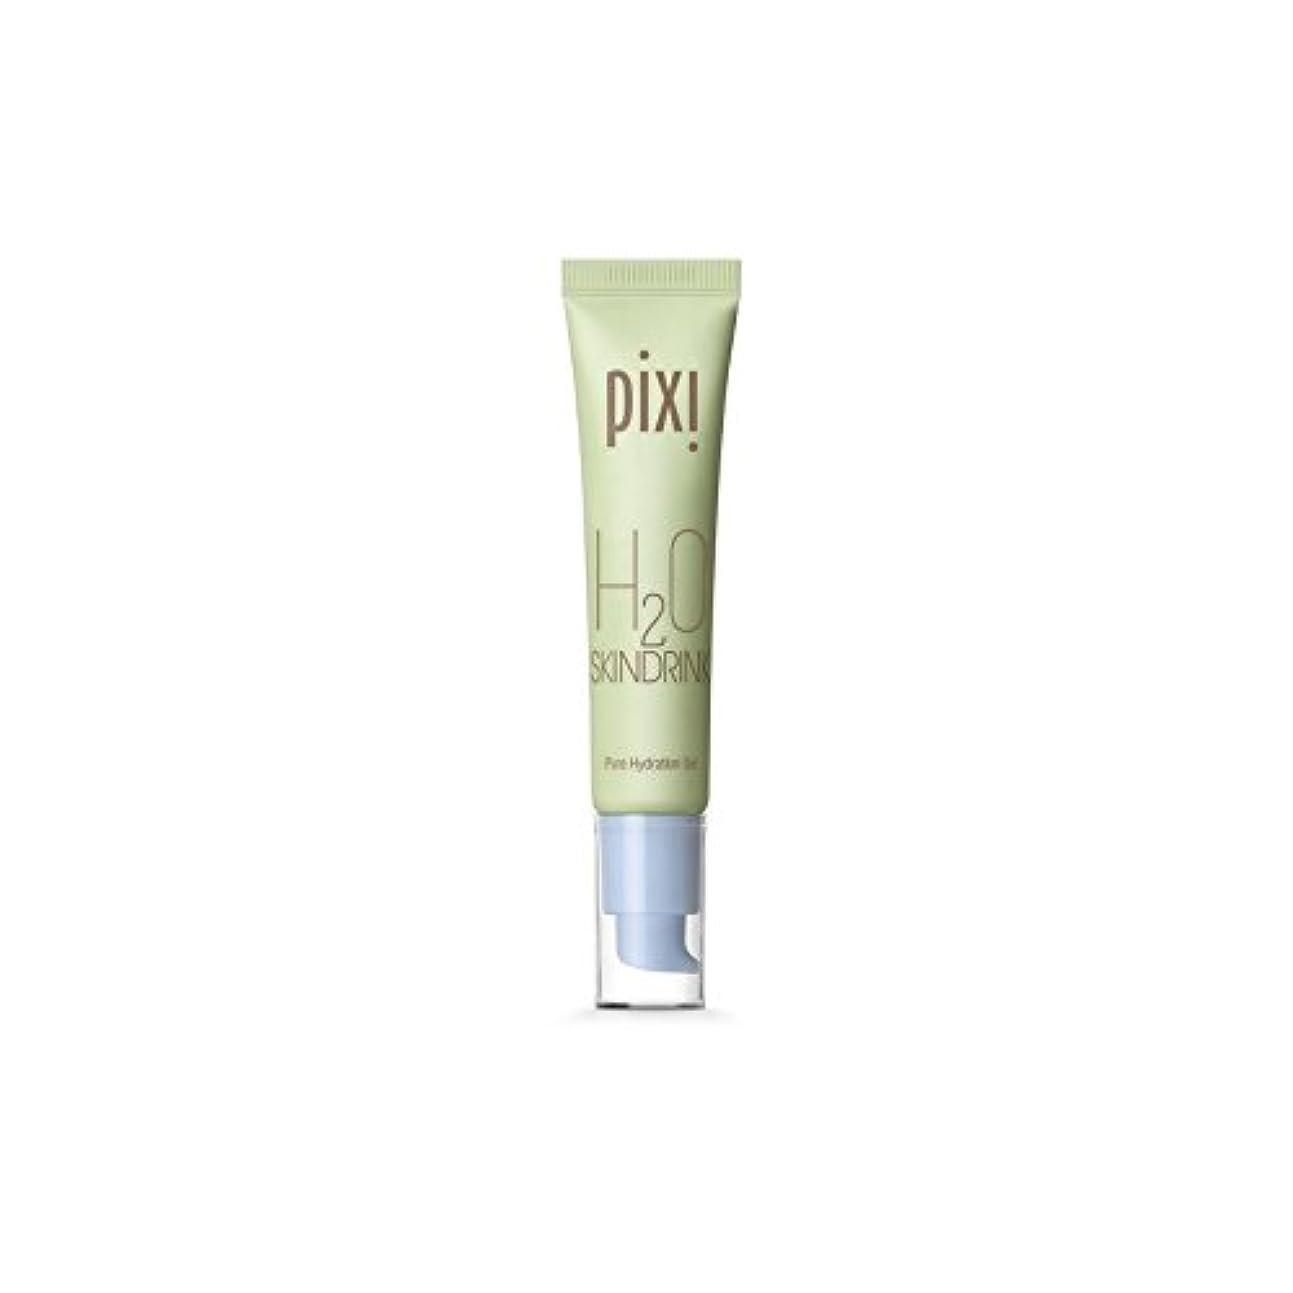 海外でケイ素付与Pixi H20 Skin Drink - 20スキンドリンク [並行輸入品]